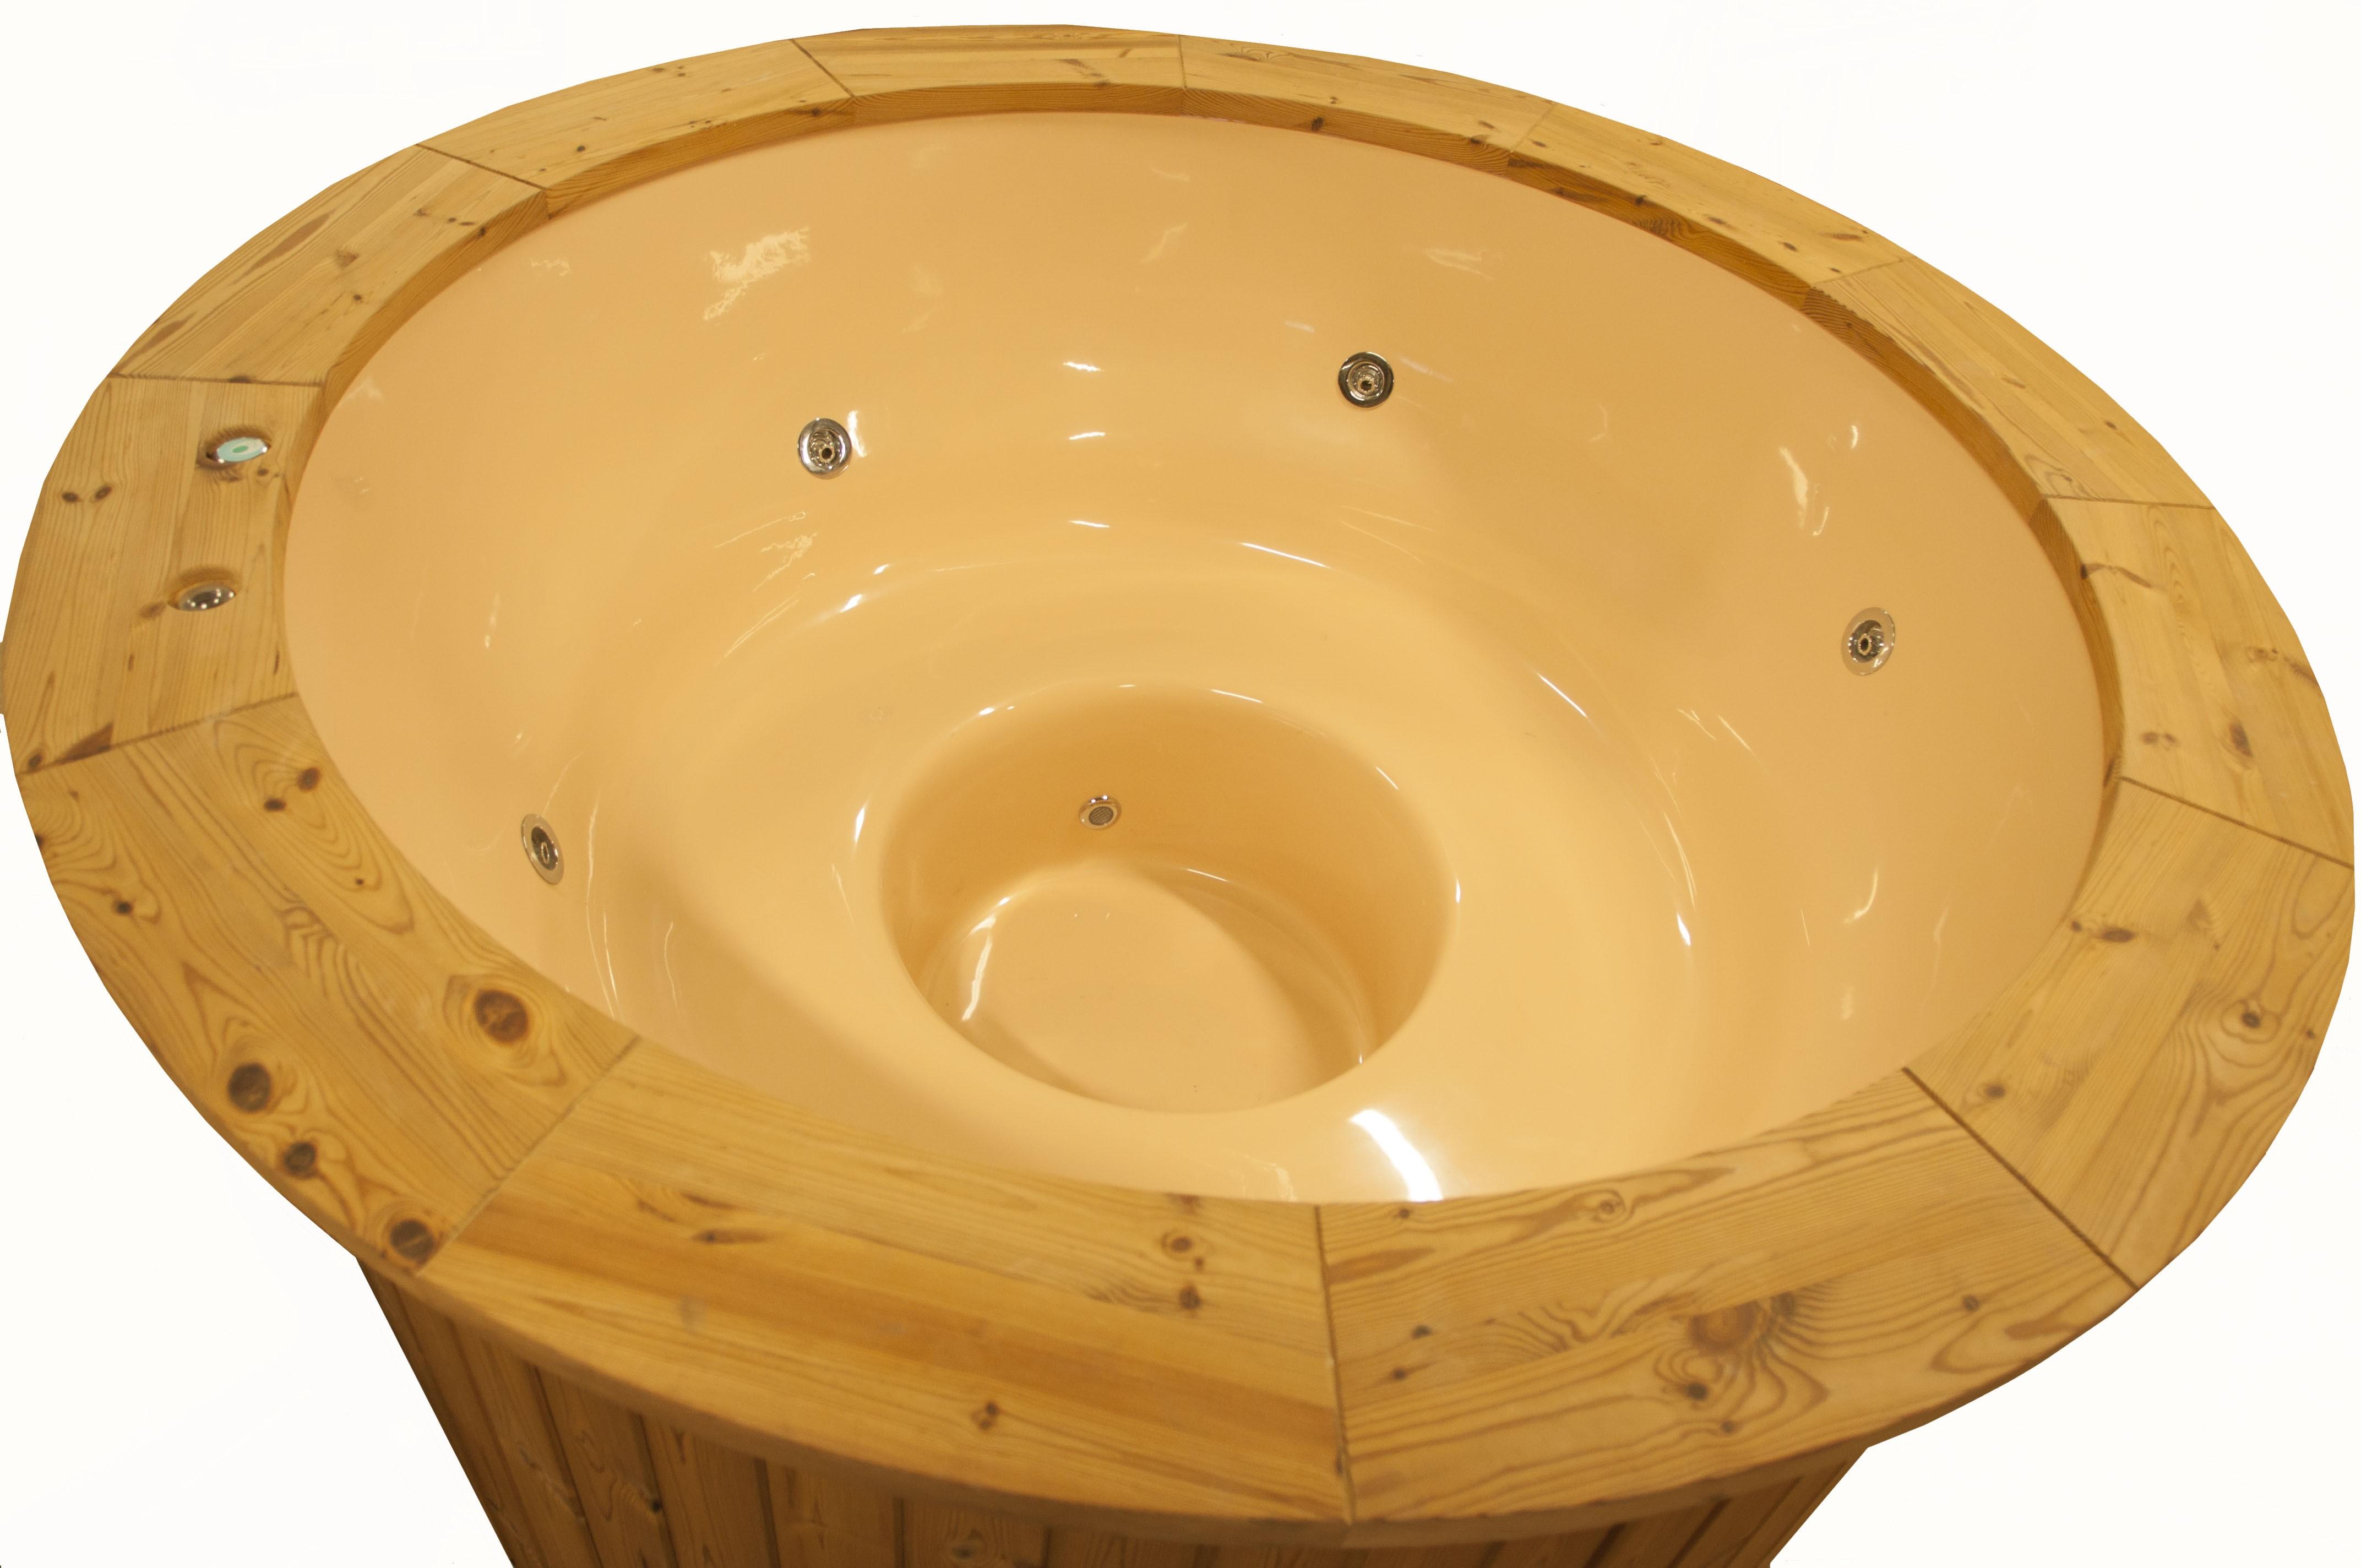 Vasche Da Bagno Modelli E Misure : Vasche da bagno misure e prezzi cheap vasca per due persone con